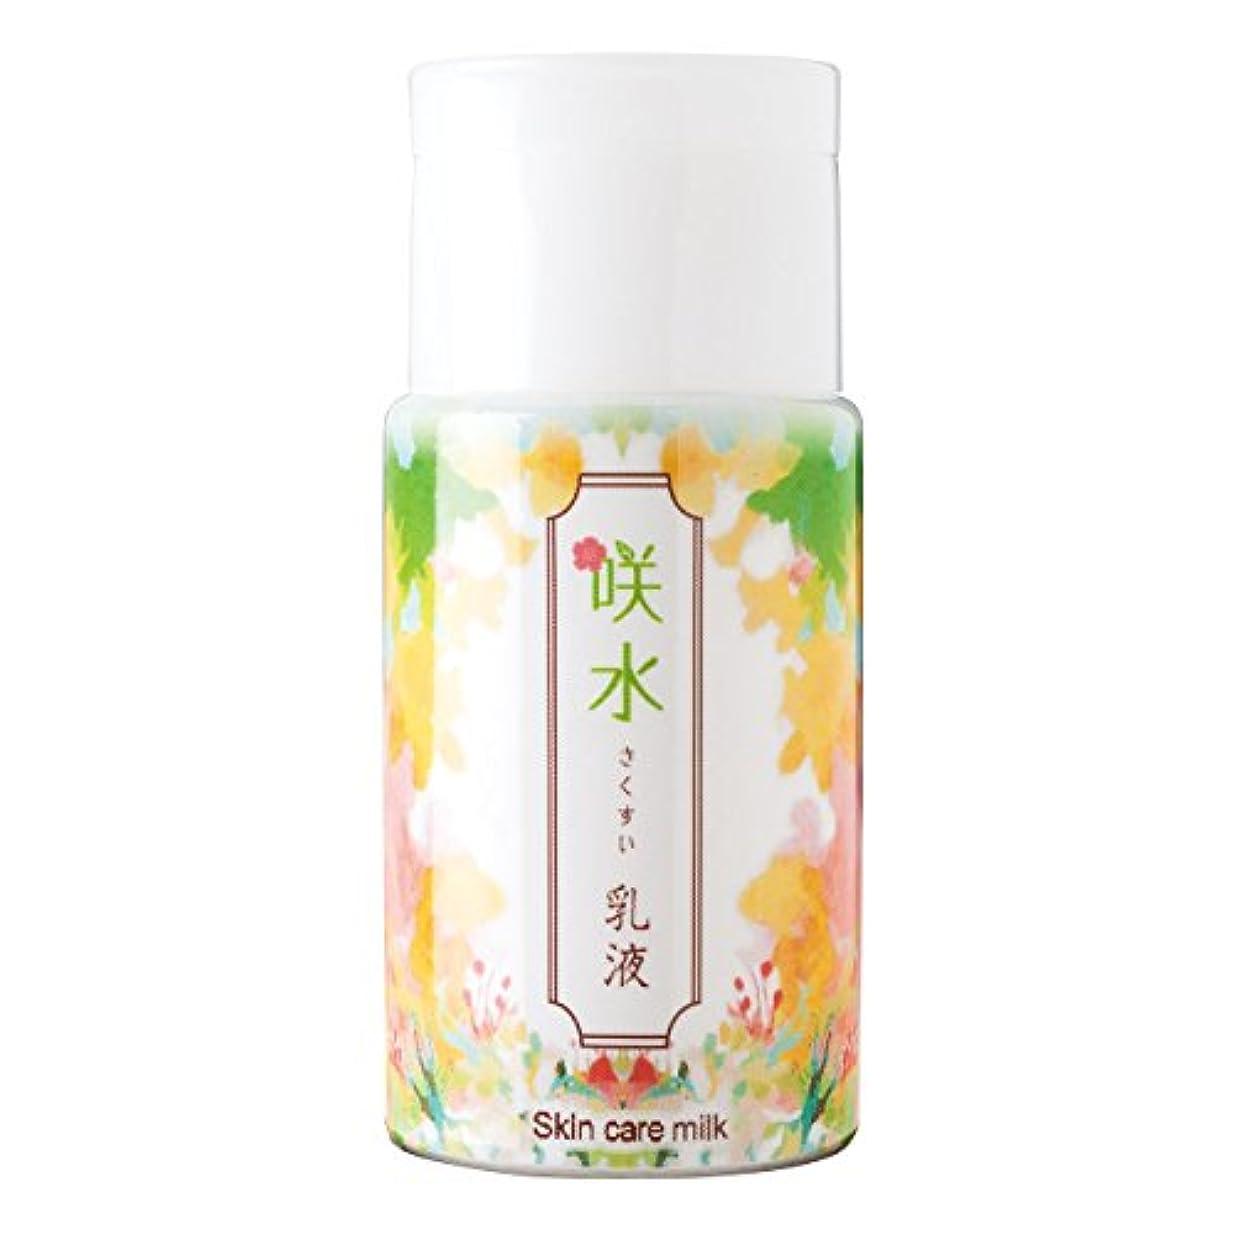 スティーブンソンアンテナ美しい咲水 スキンケア乳液 100ml リバテープ製薬 日本製 スイゼンジノリ サクラン 乾燥 肌 顔 フェイス